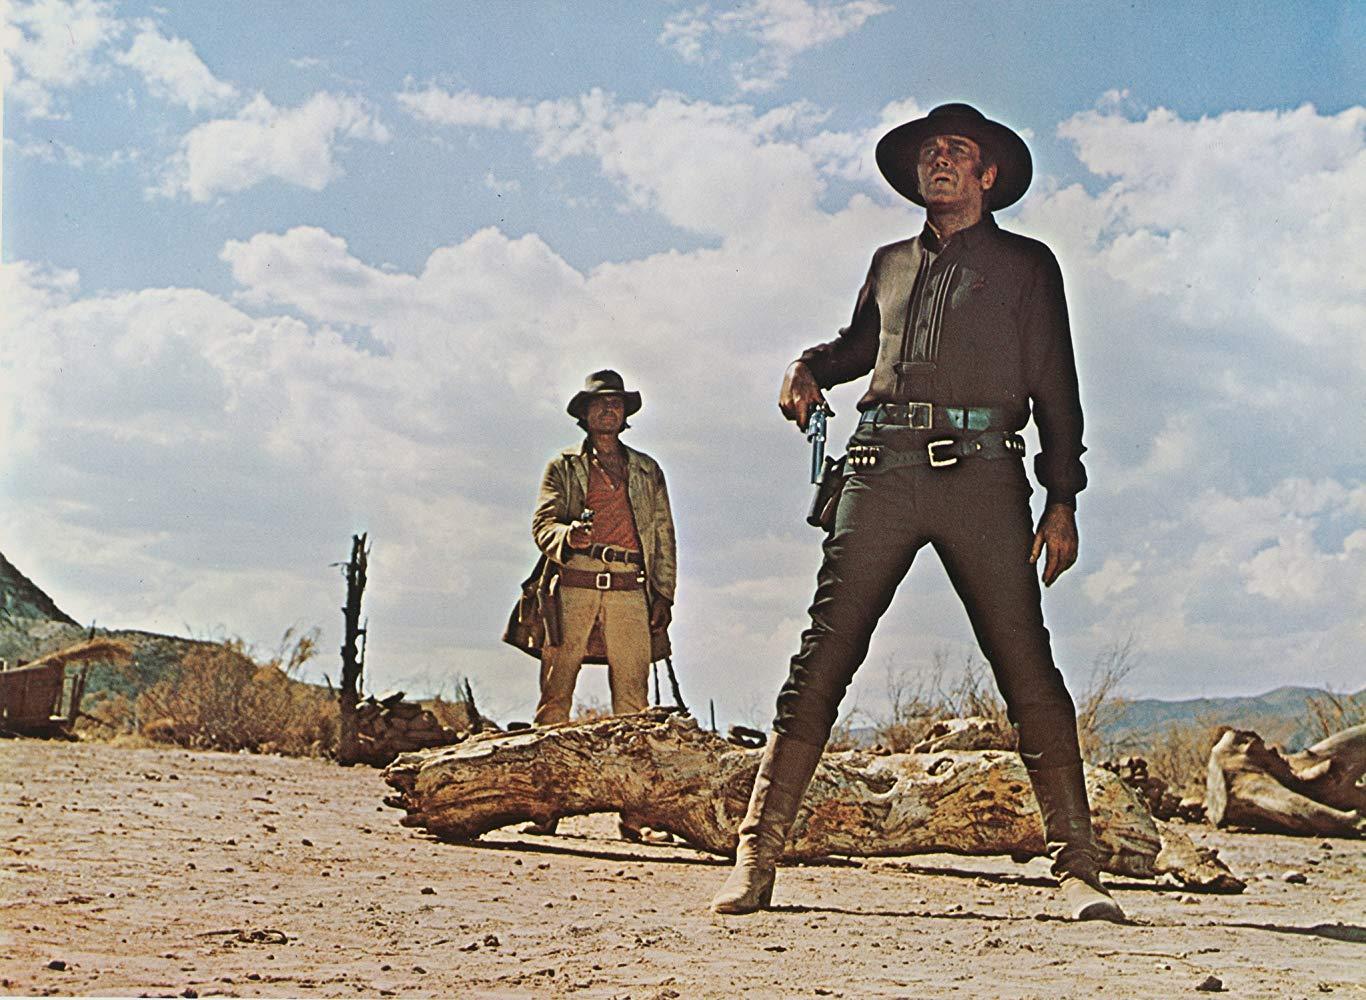 ۱۰ فیلم شاهکار وسترن که کمتر مورد توجه قرار گرفتهاند؛ از «شین» تا «روزی روزگاری در غرب»